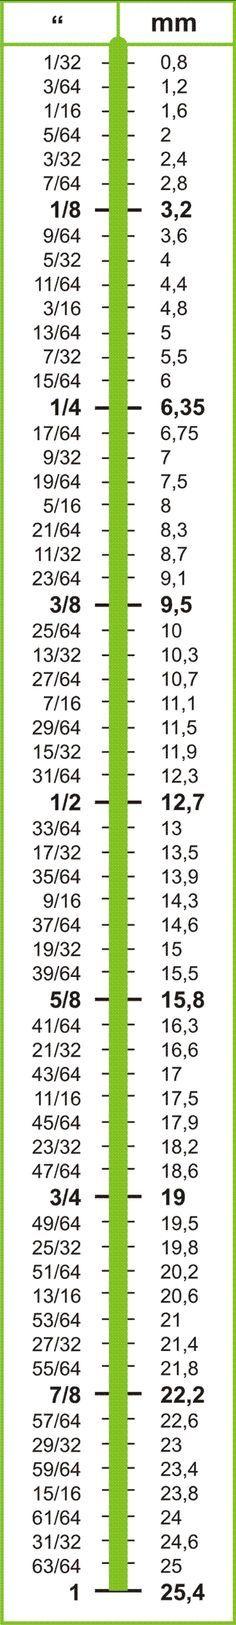 Aprende Las Medidas En Pulgadas Y Sus Equivalencias Con Esta Tabla Ilustrativa Pulgadas A Milimetros Consejos Para Trabajar La Madera Y Tallado En Madera